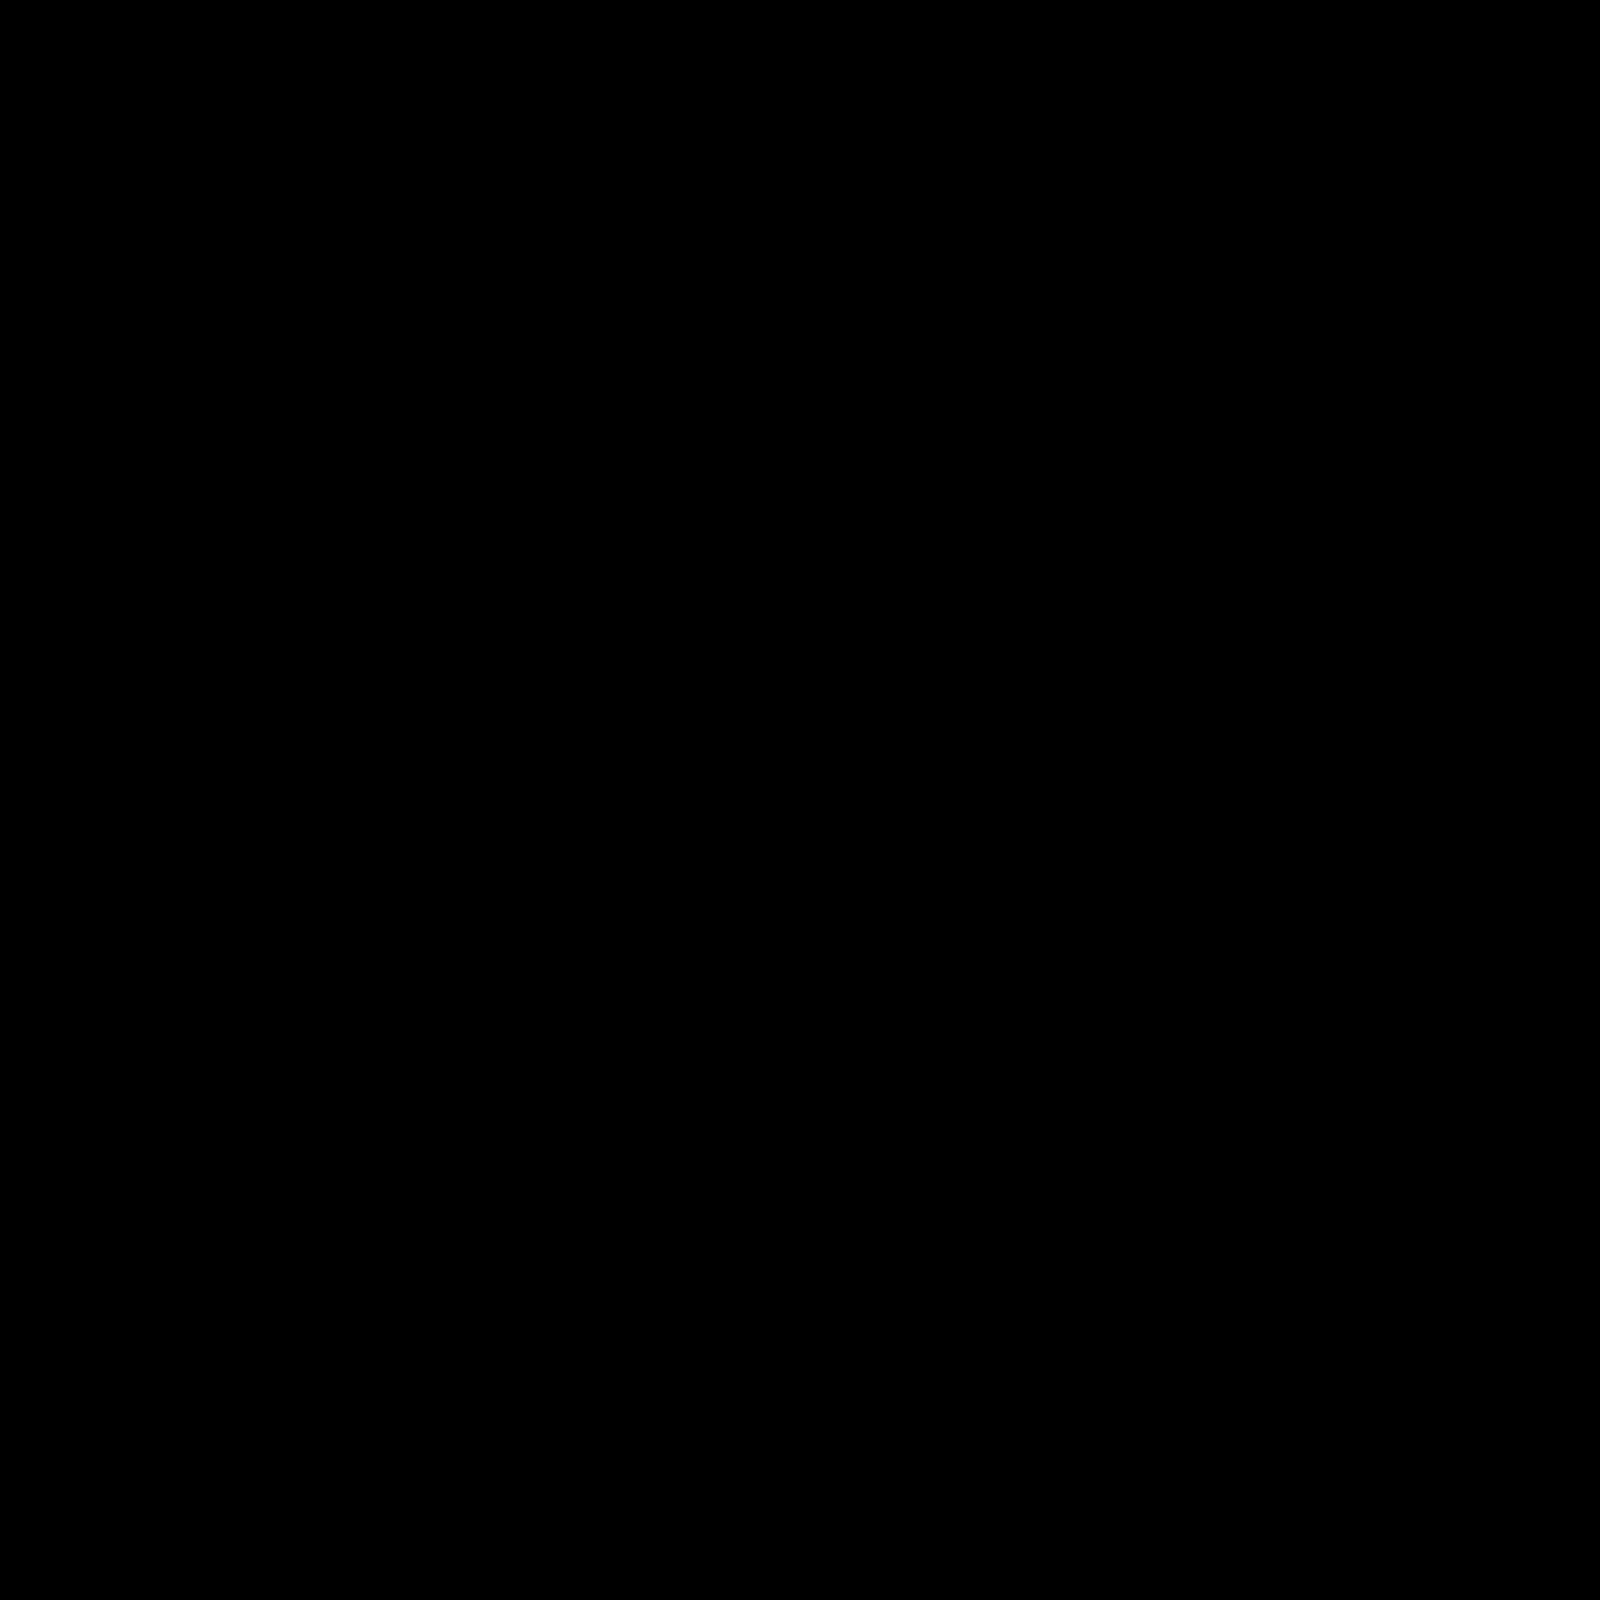 ポリライン icon